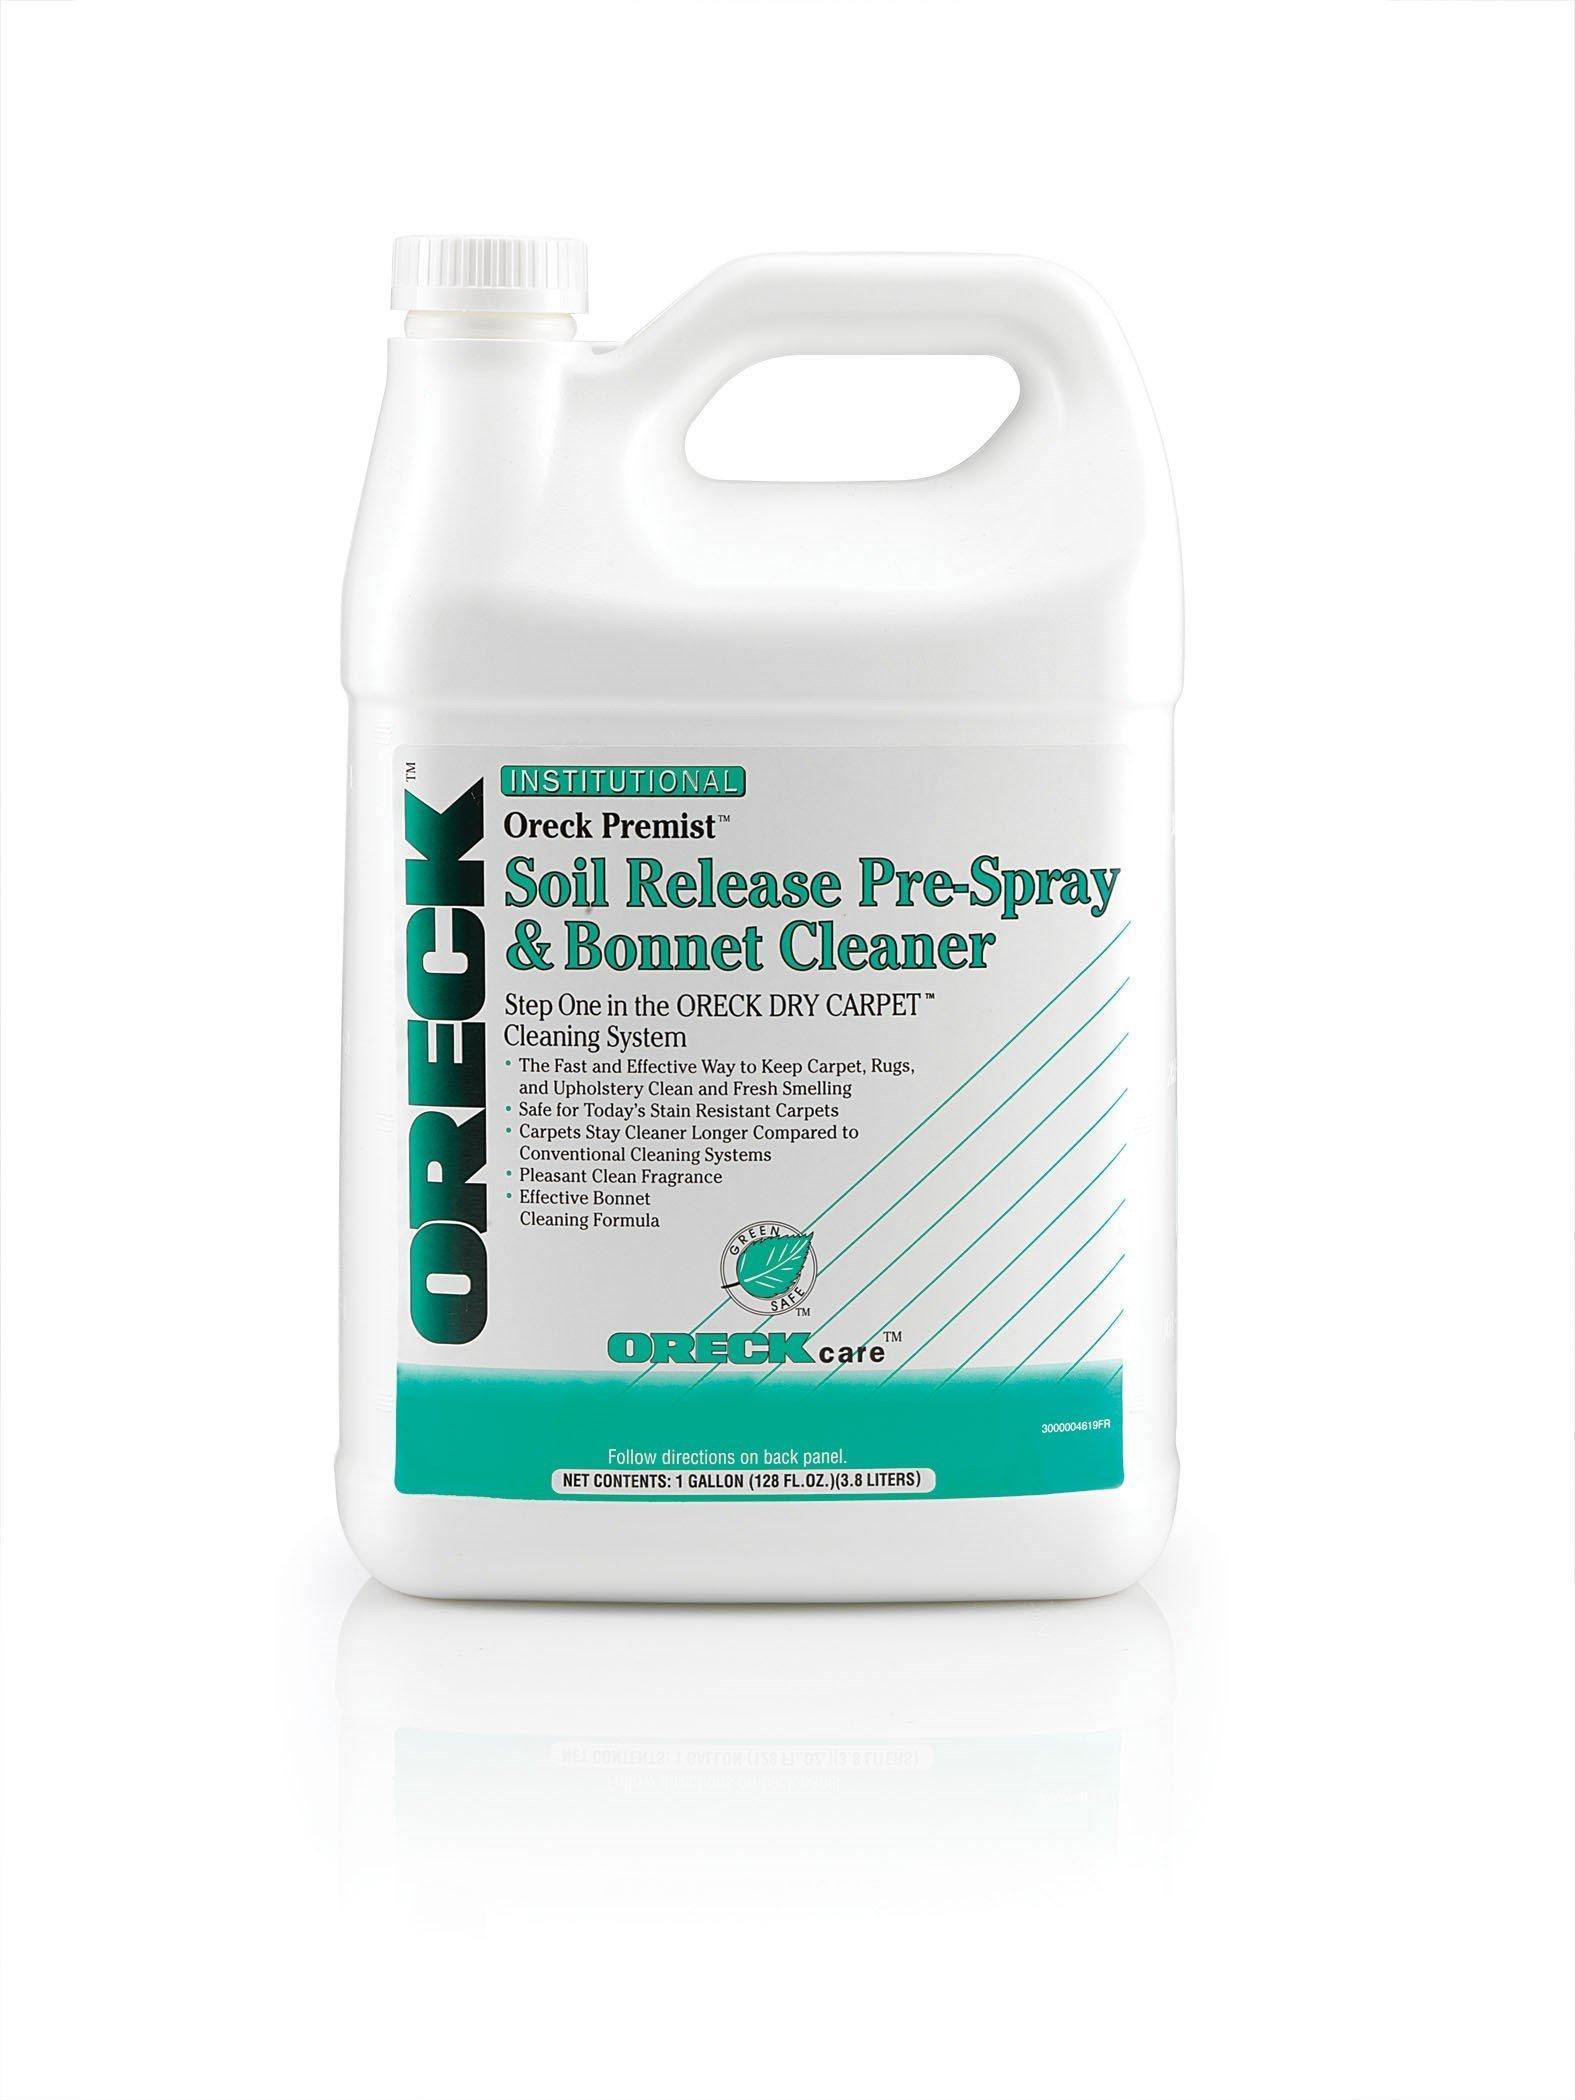 Premist Soil Release Pre-Spray (128 fl oz)1